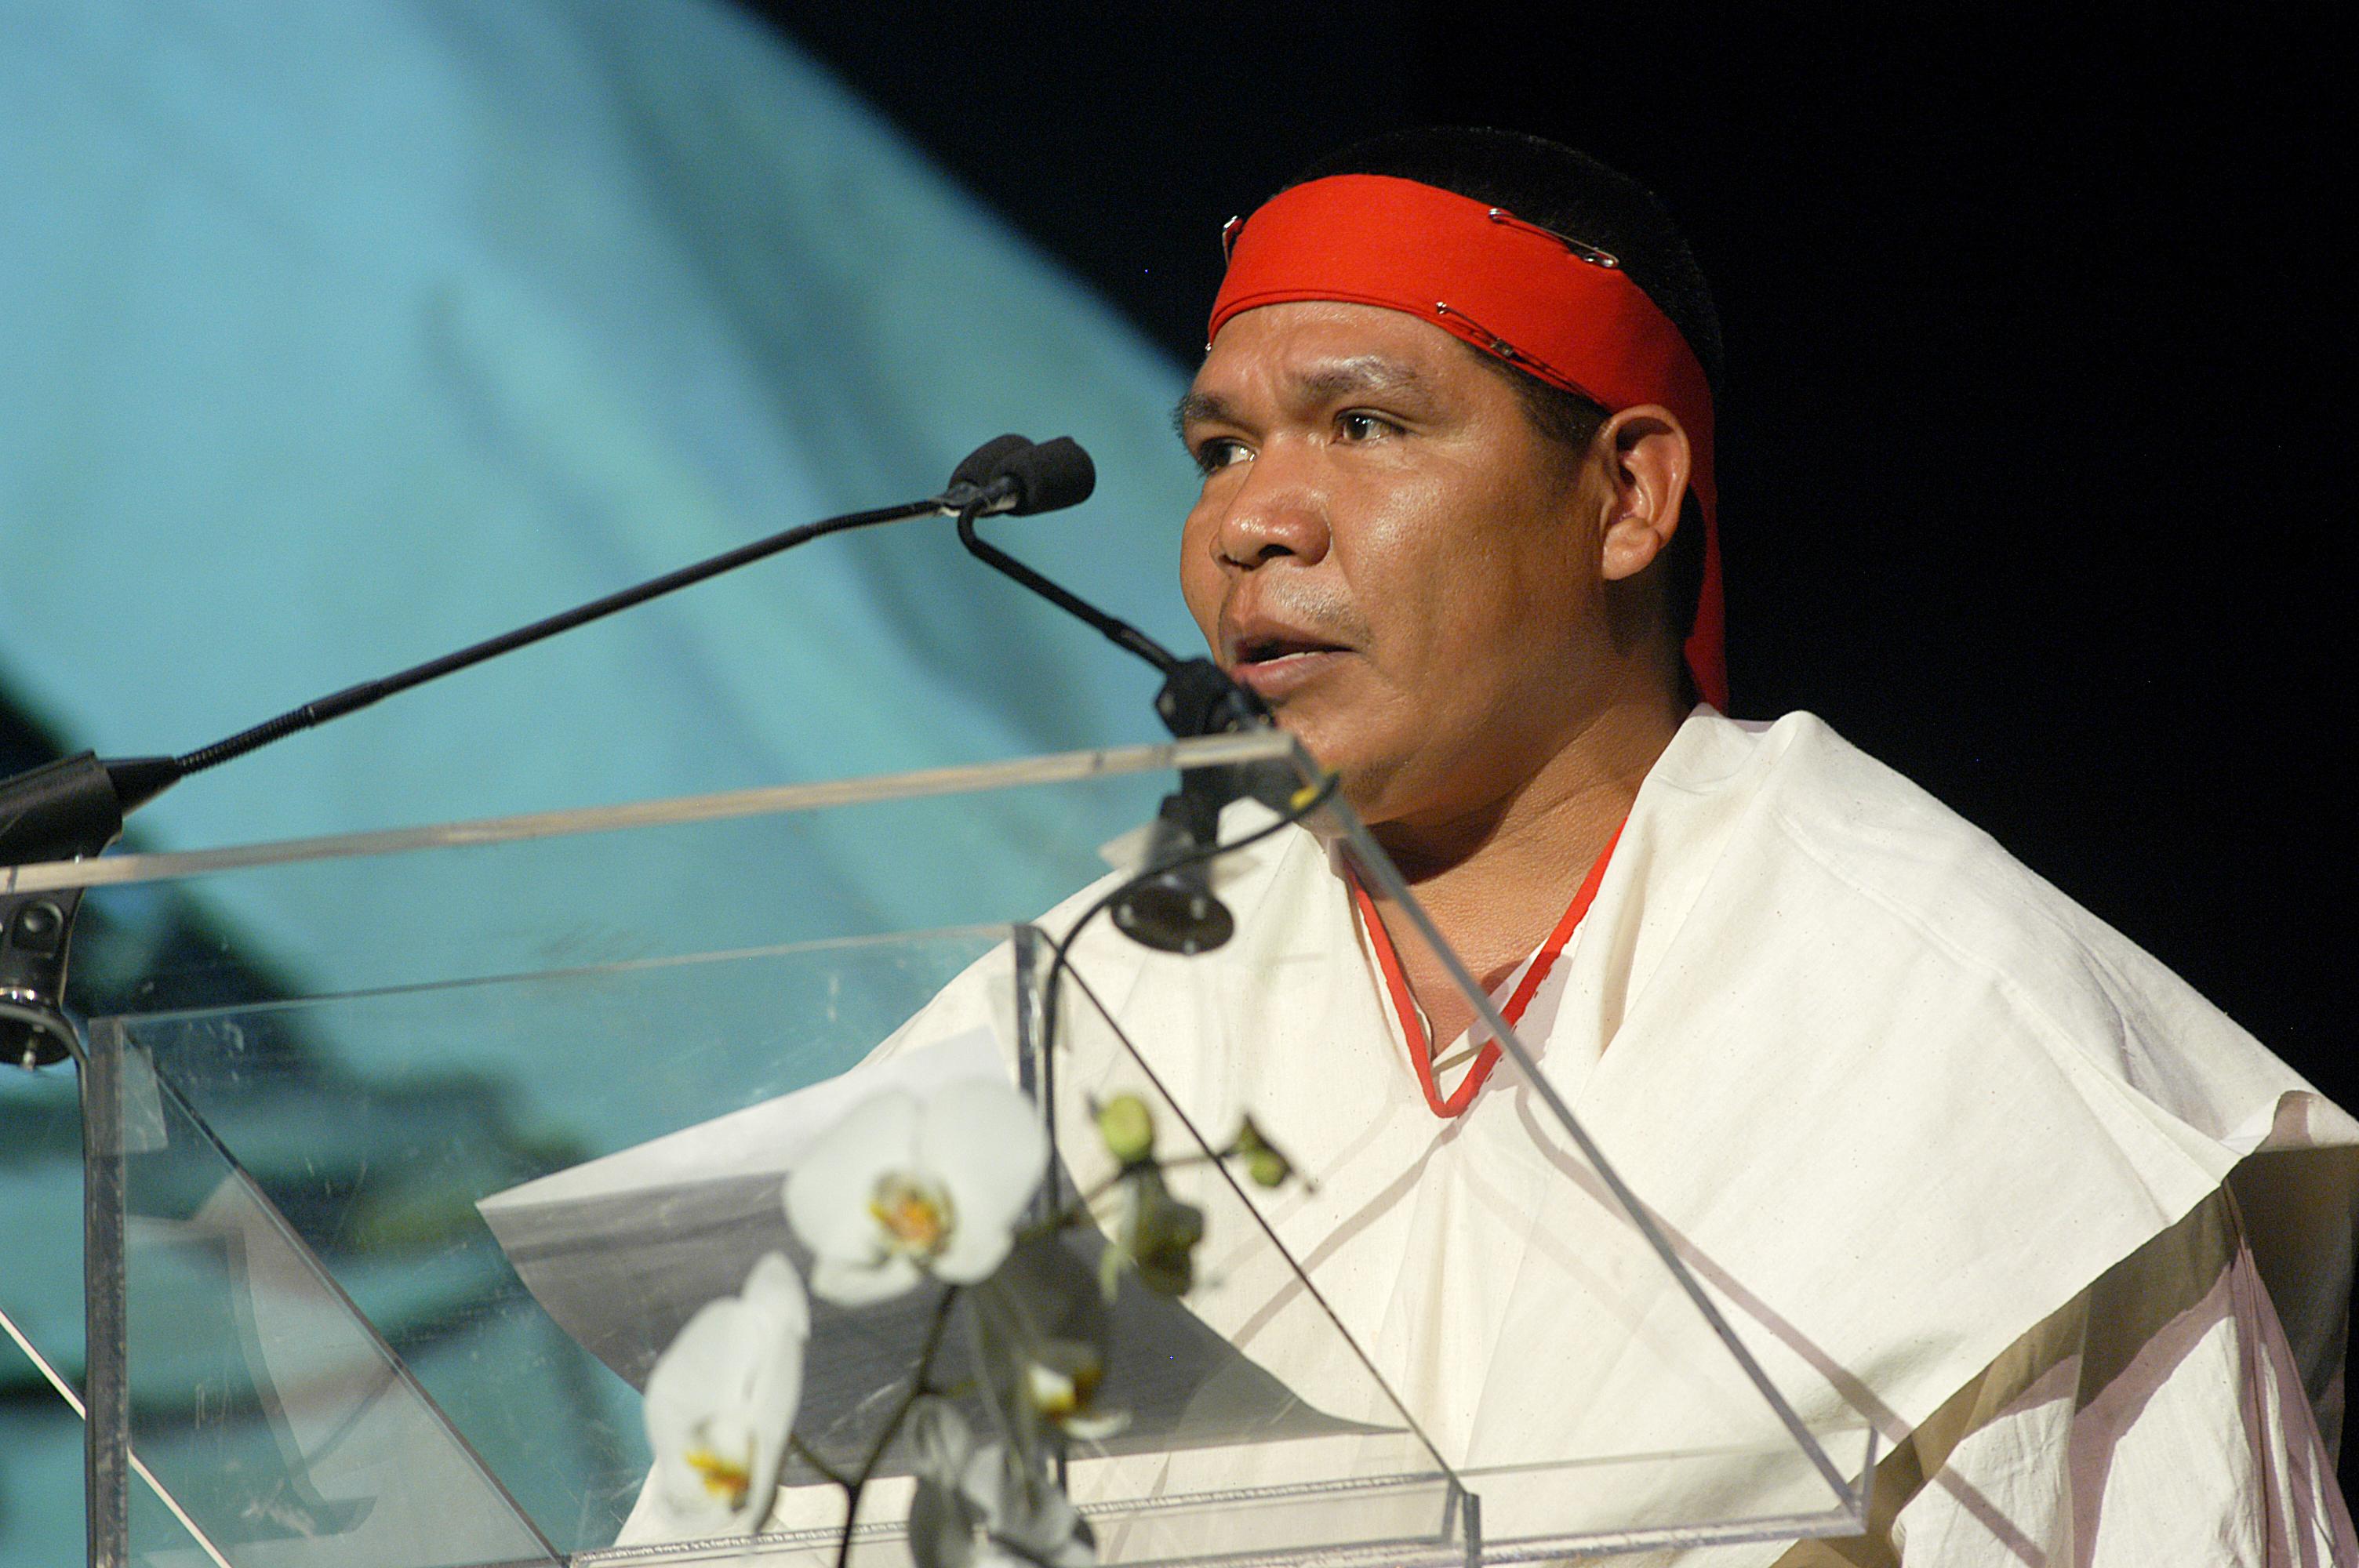 Meksika'da bir doğa savunucusu daha rant çeteleri tarafından katledildi